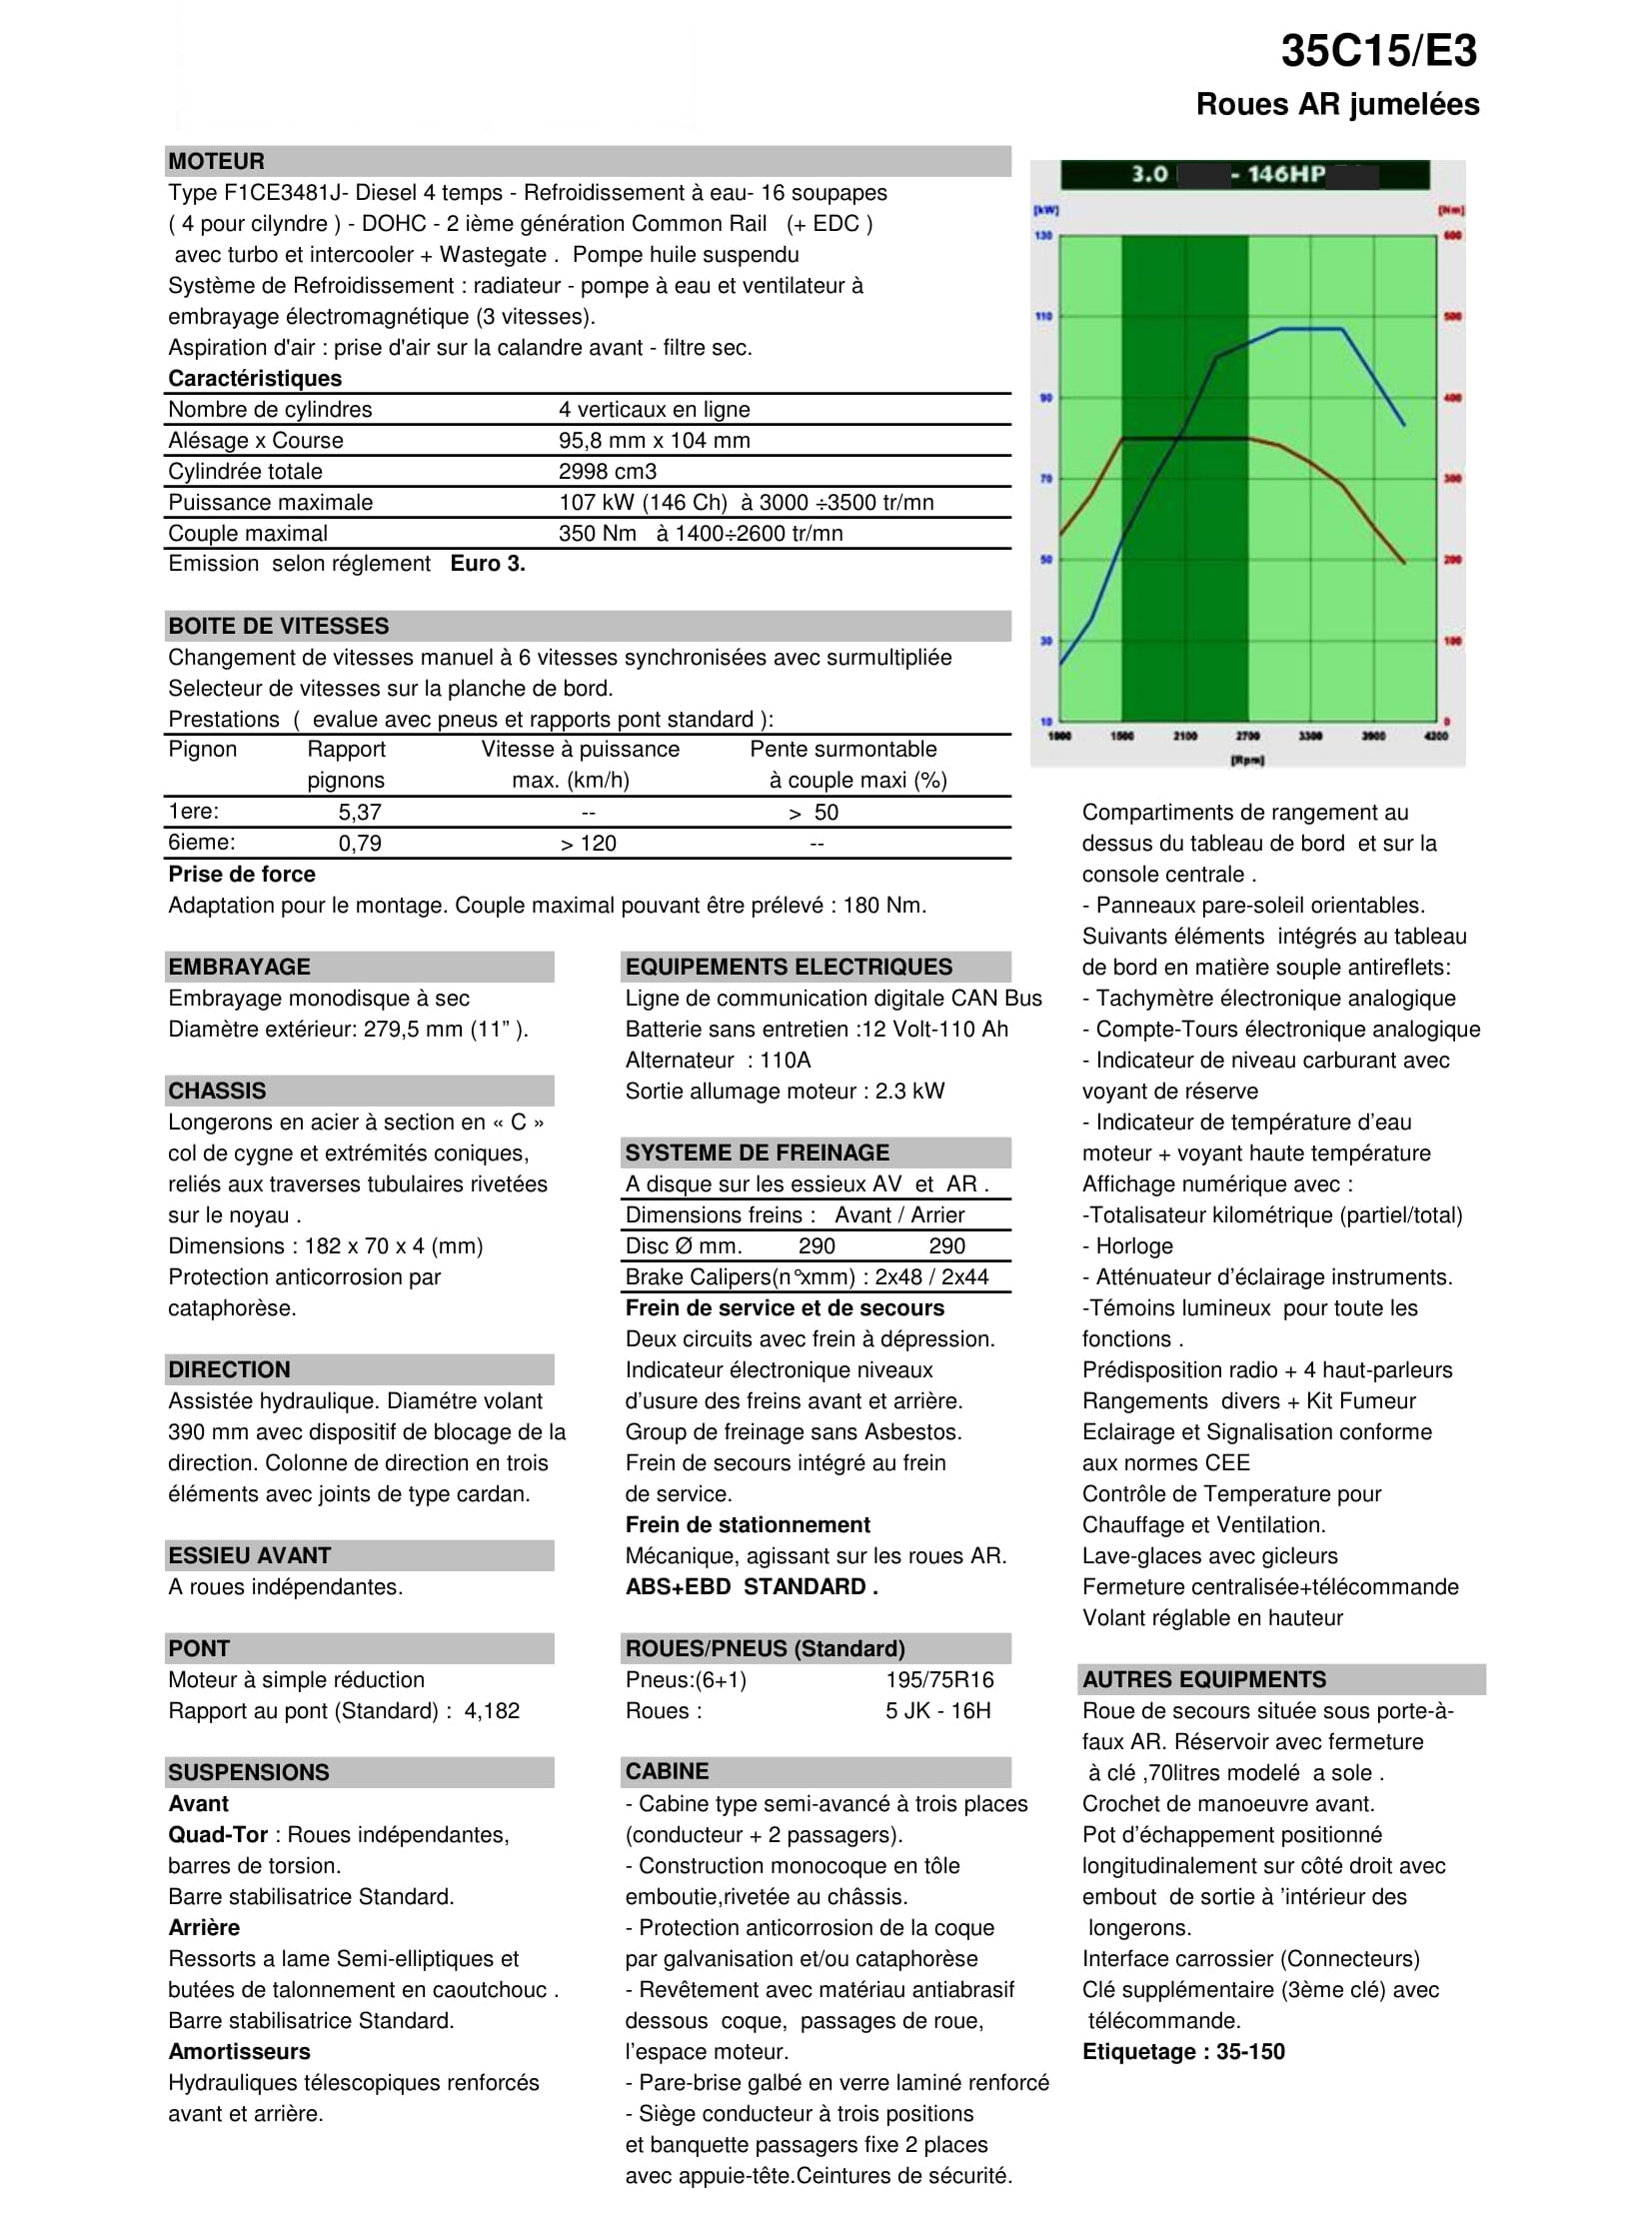 MCA_35C15_E3_FR_1 -22